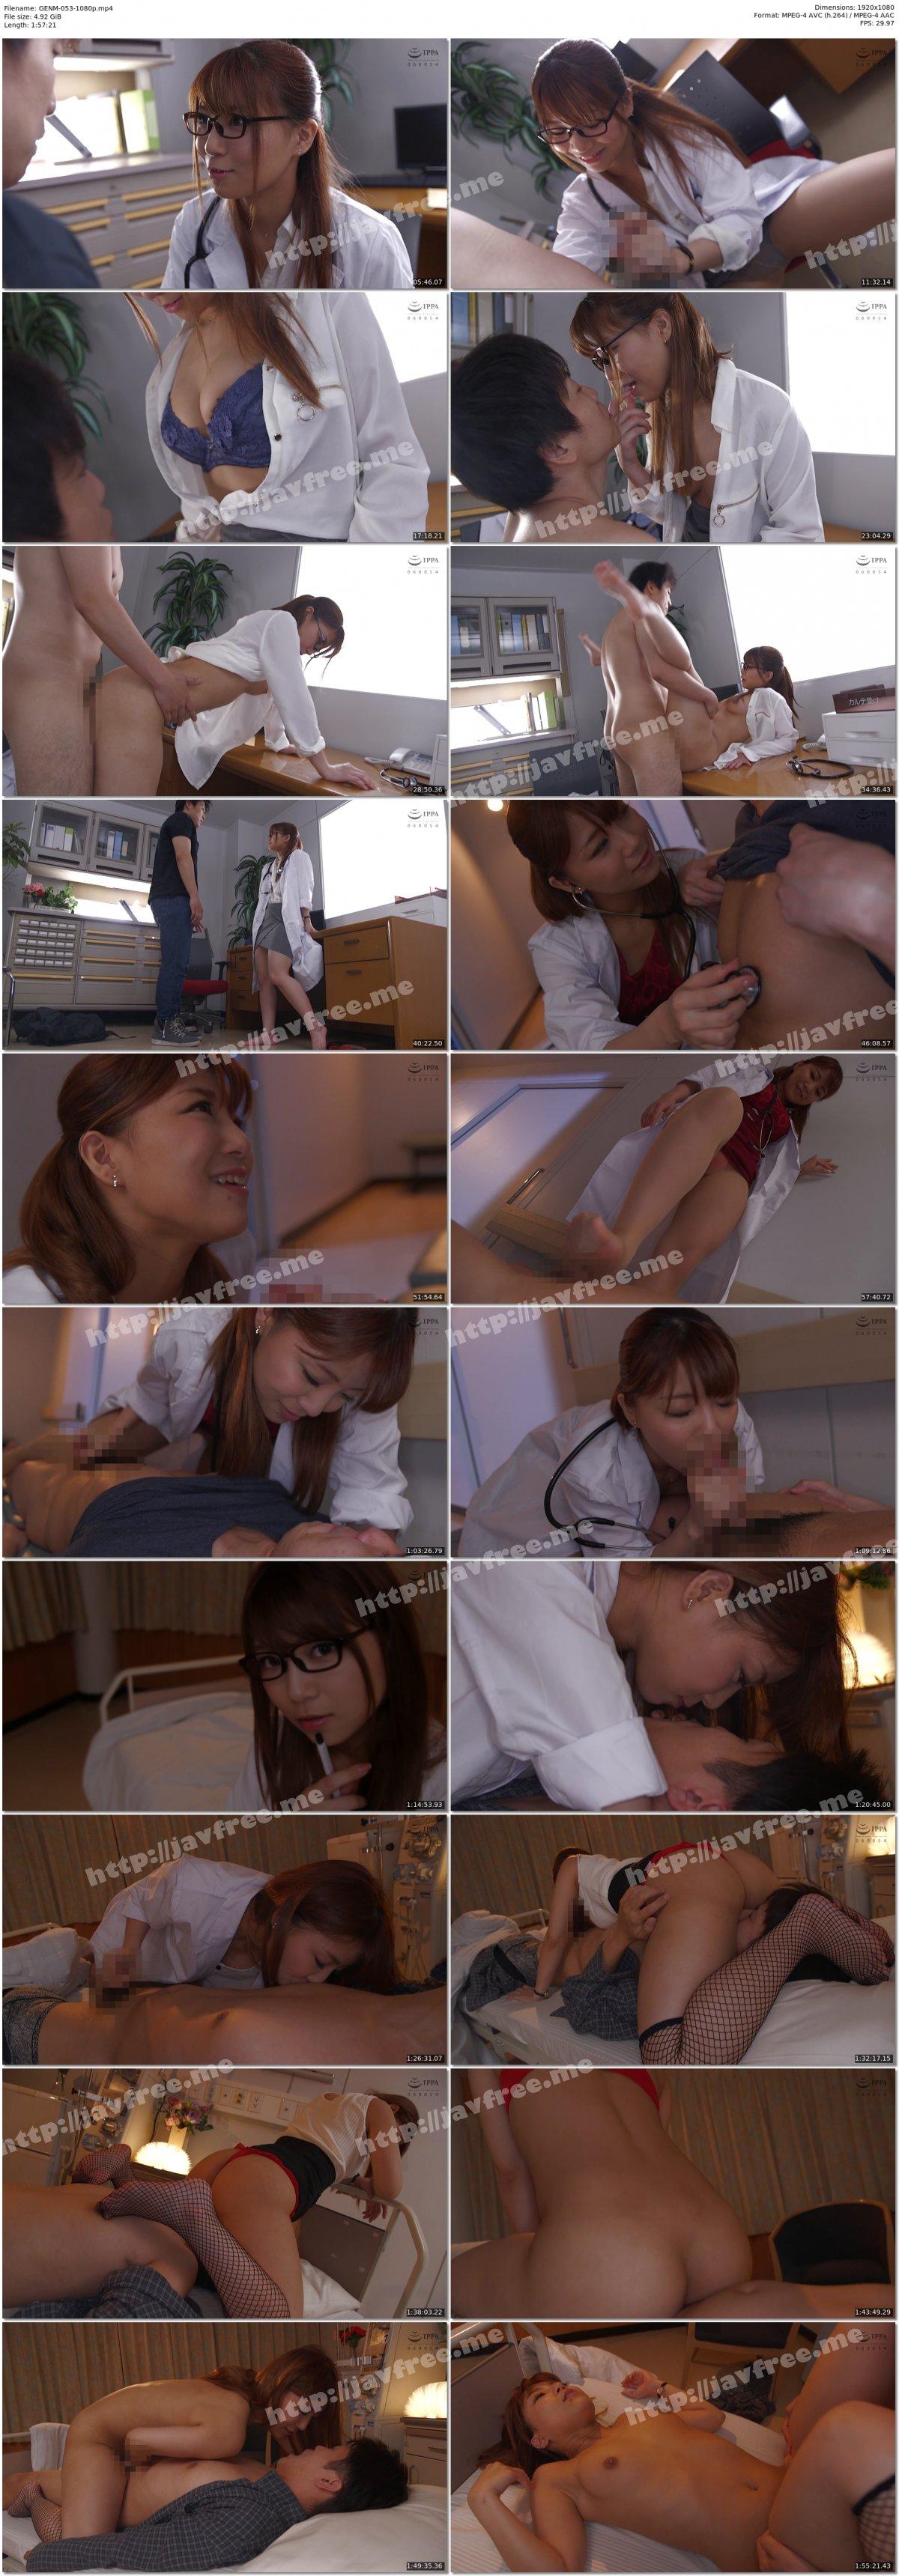 [HD][GENM-053] 女医 高美はるか-私に抜かせて- - image GENM-053-1080p on https://javfree.me